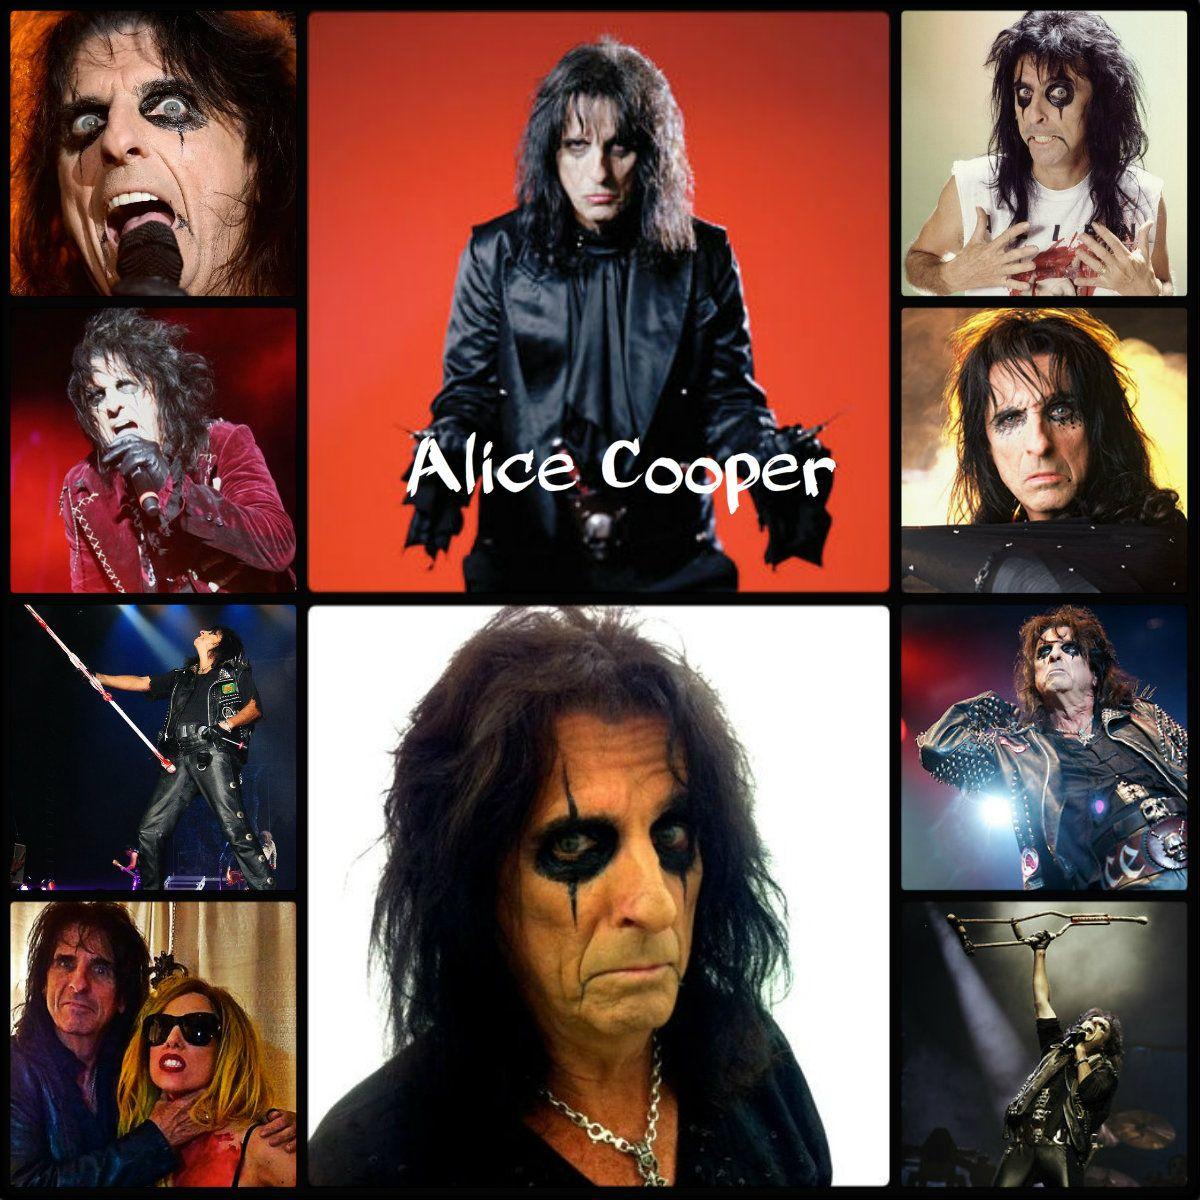 Alice Cooper Wallpapers